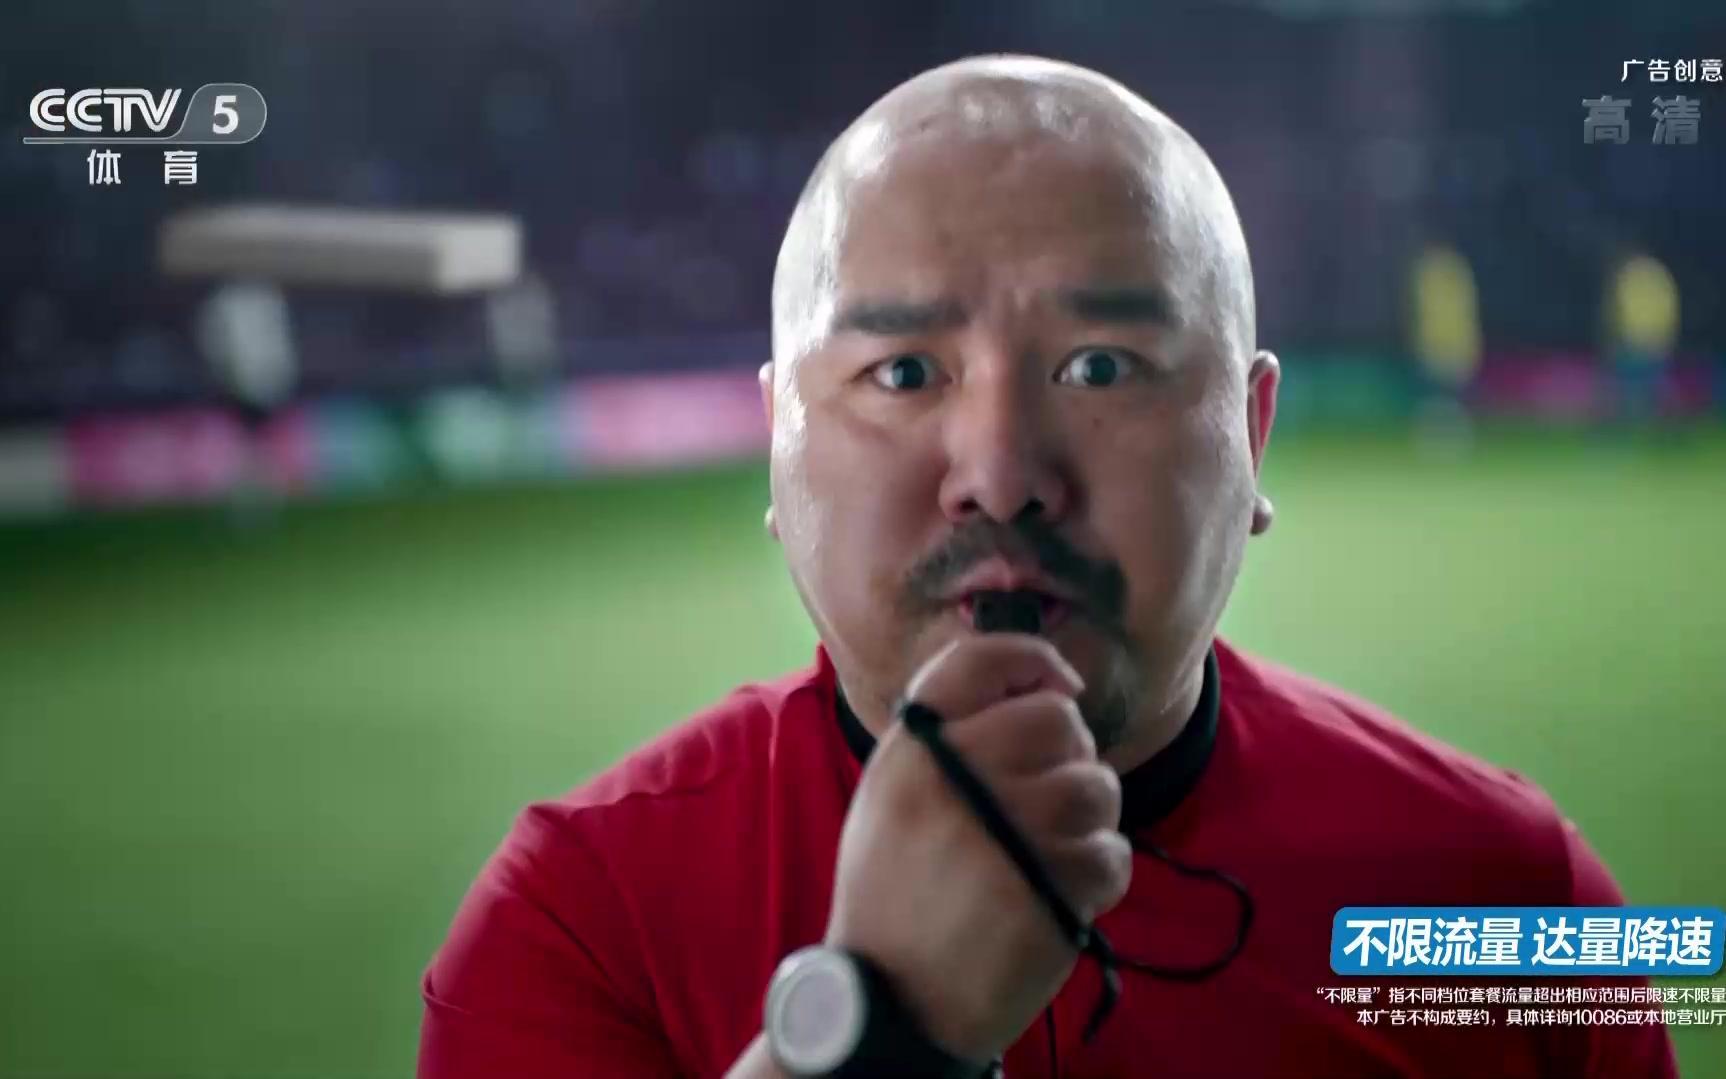 央视广告欣赏-中国移动咪咕视频